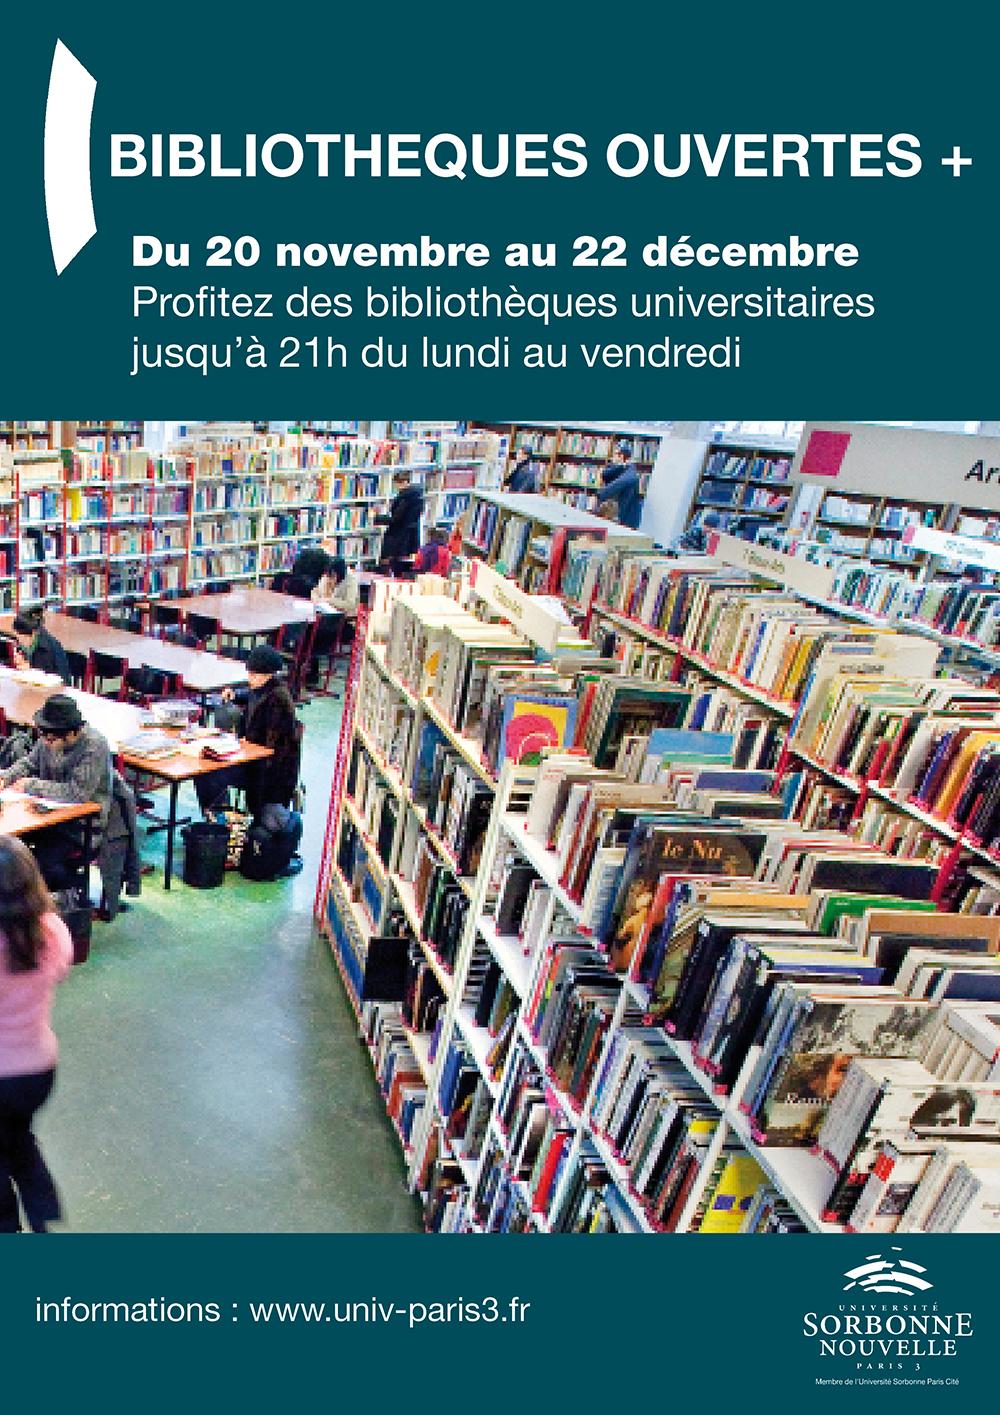 bibliothèque ouverte + (1).jpg